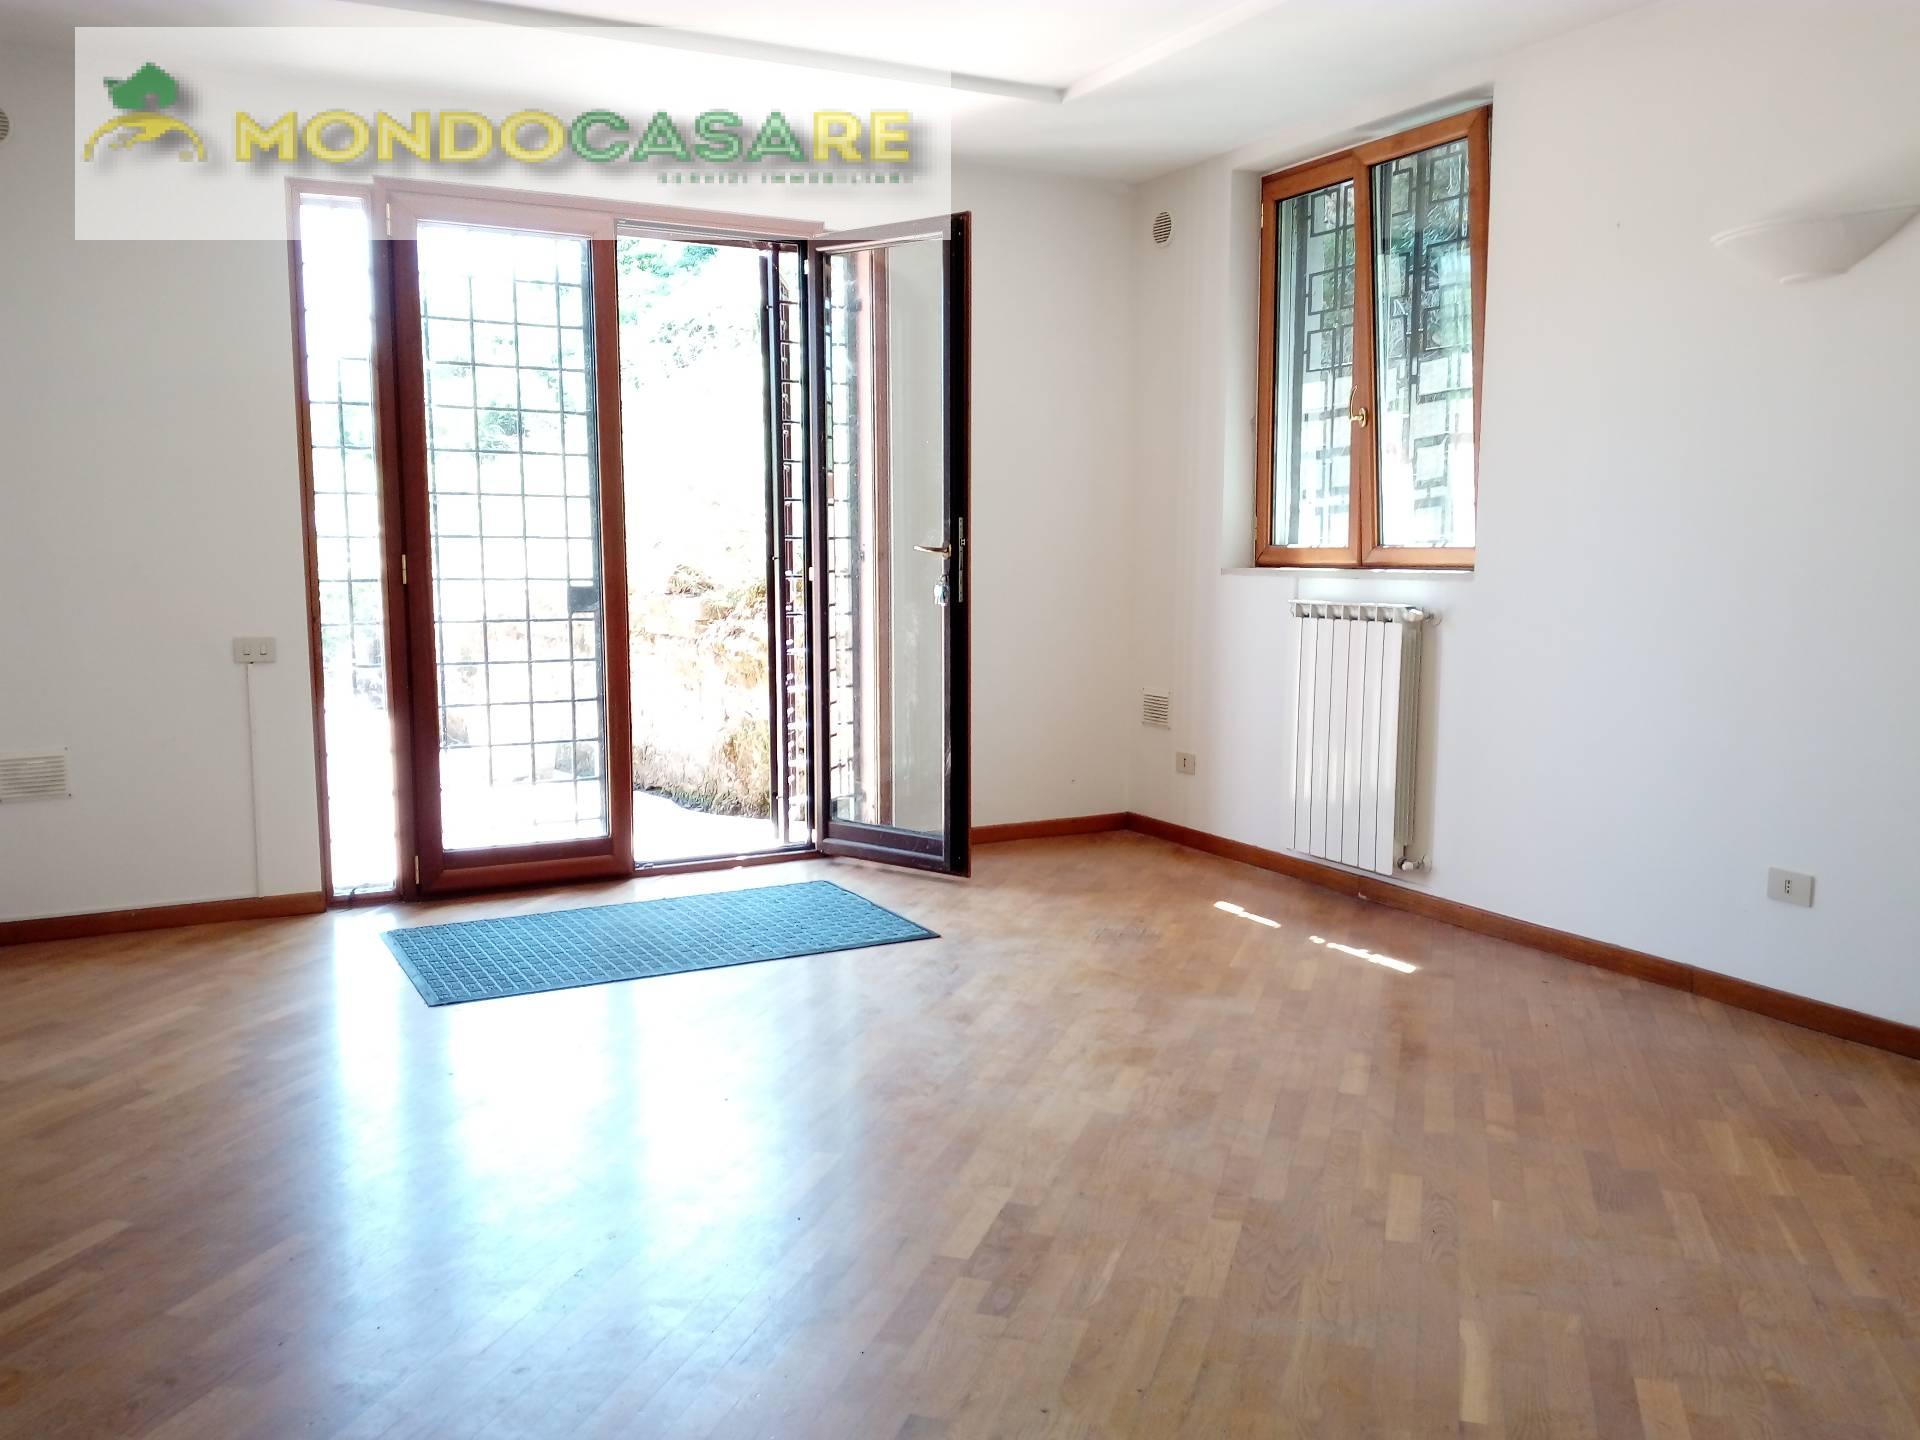 Villa in affitto a Palombara Sabina, 3 locali, prezzo € 580 | CambioCasa.it